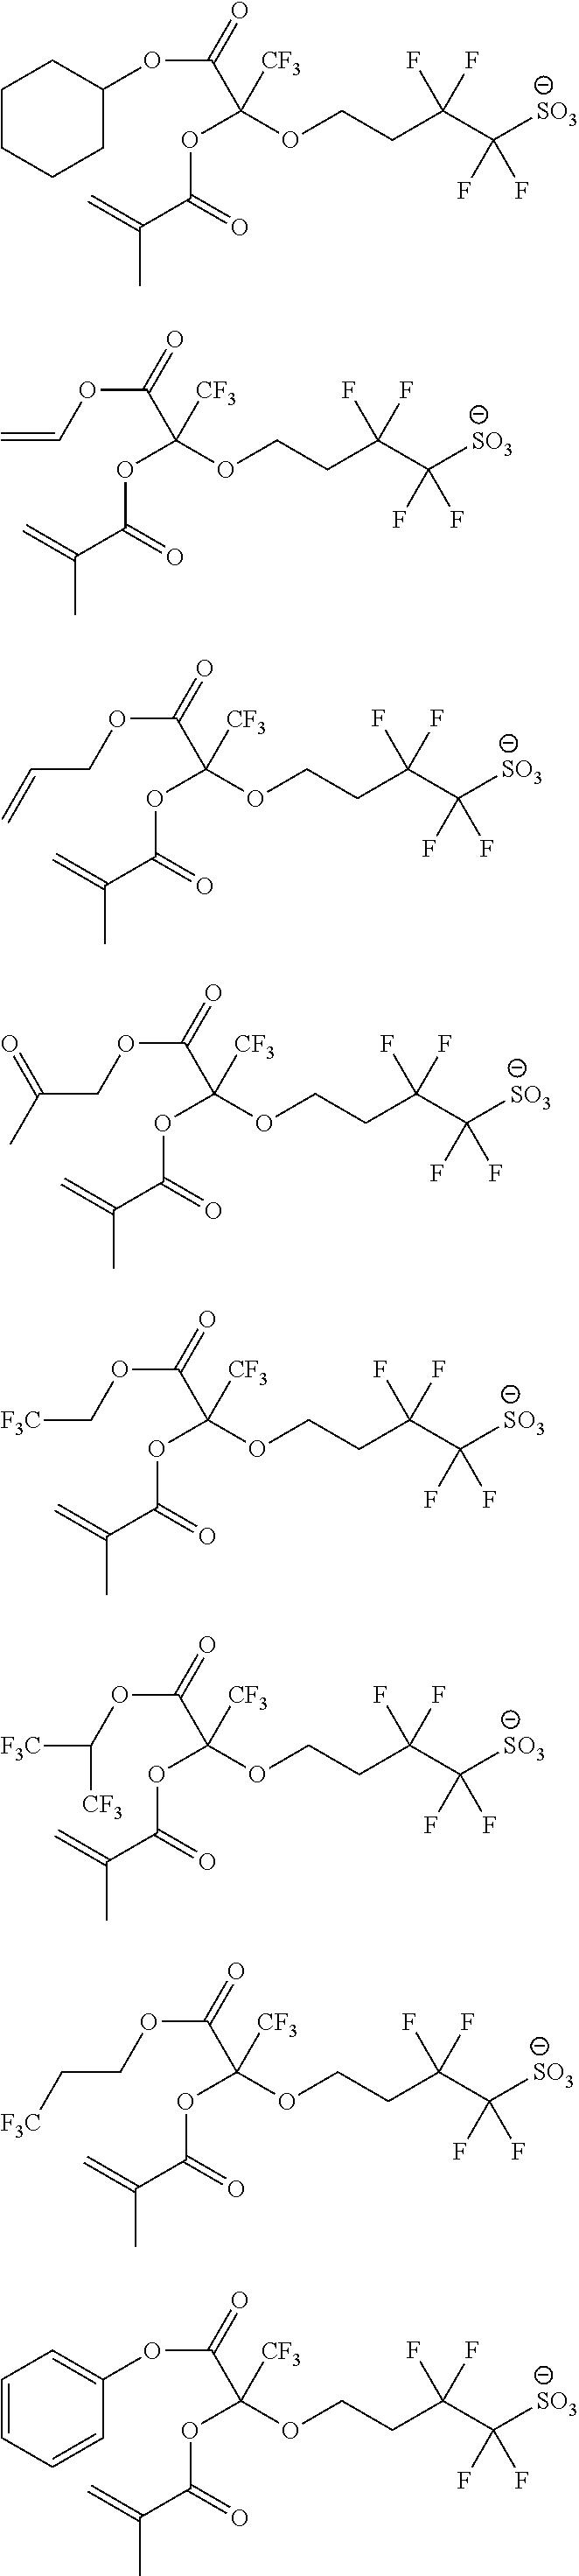 Figure US09182664-20151110-C00084